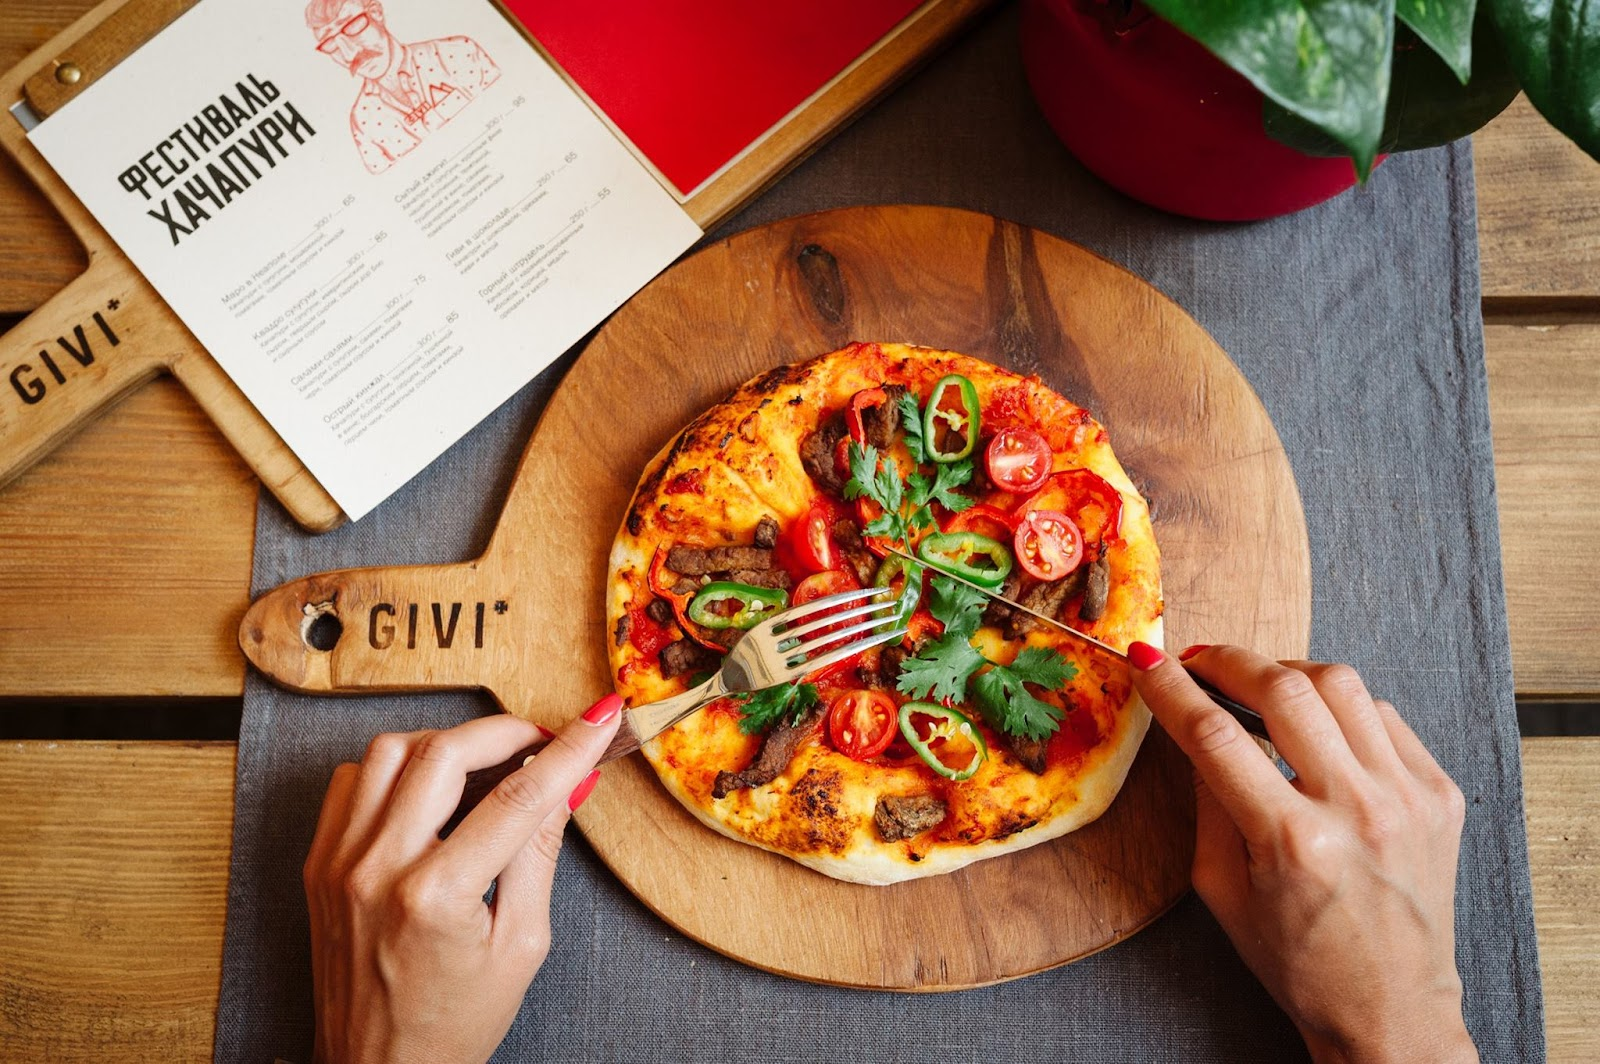 Хачапури «Острый кинжал» в новом амплуа от шеф-повара грузинского хинкале-кафе «Гиви Ту Ми».